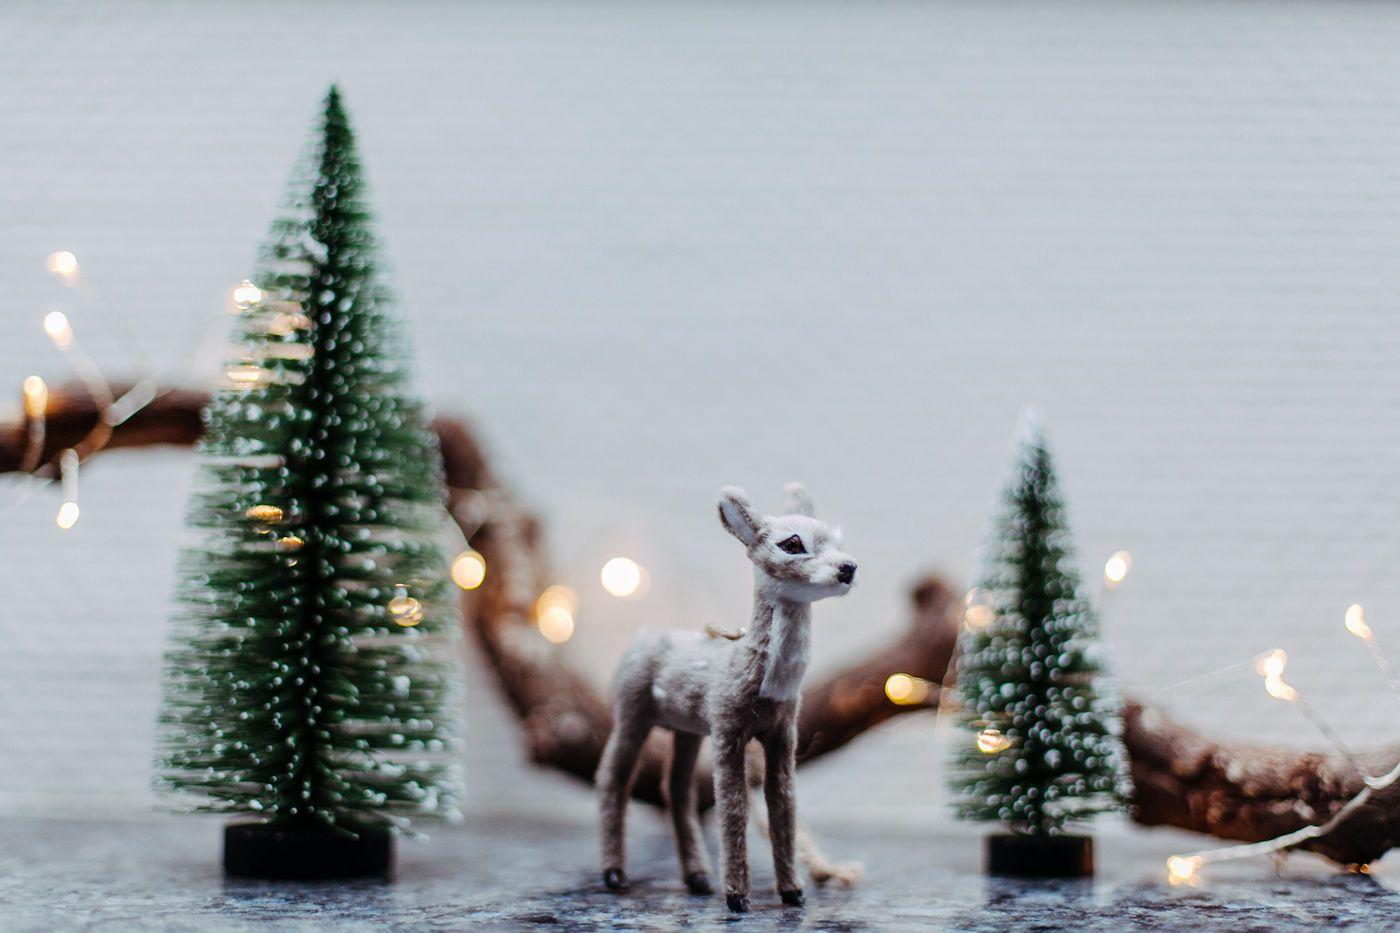 Weihnachtsdeko Kinderzimmer.Die Schönsten Ideen Für Deine Weihnachtsdeko Seite 141